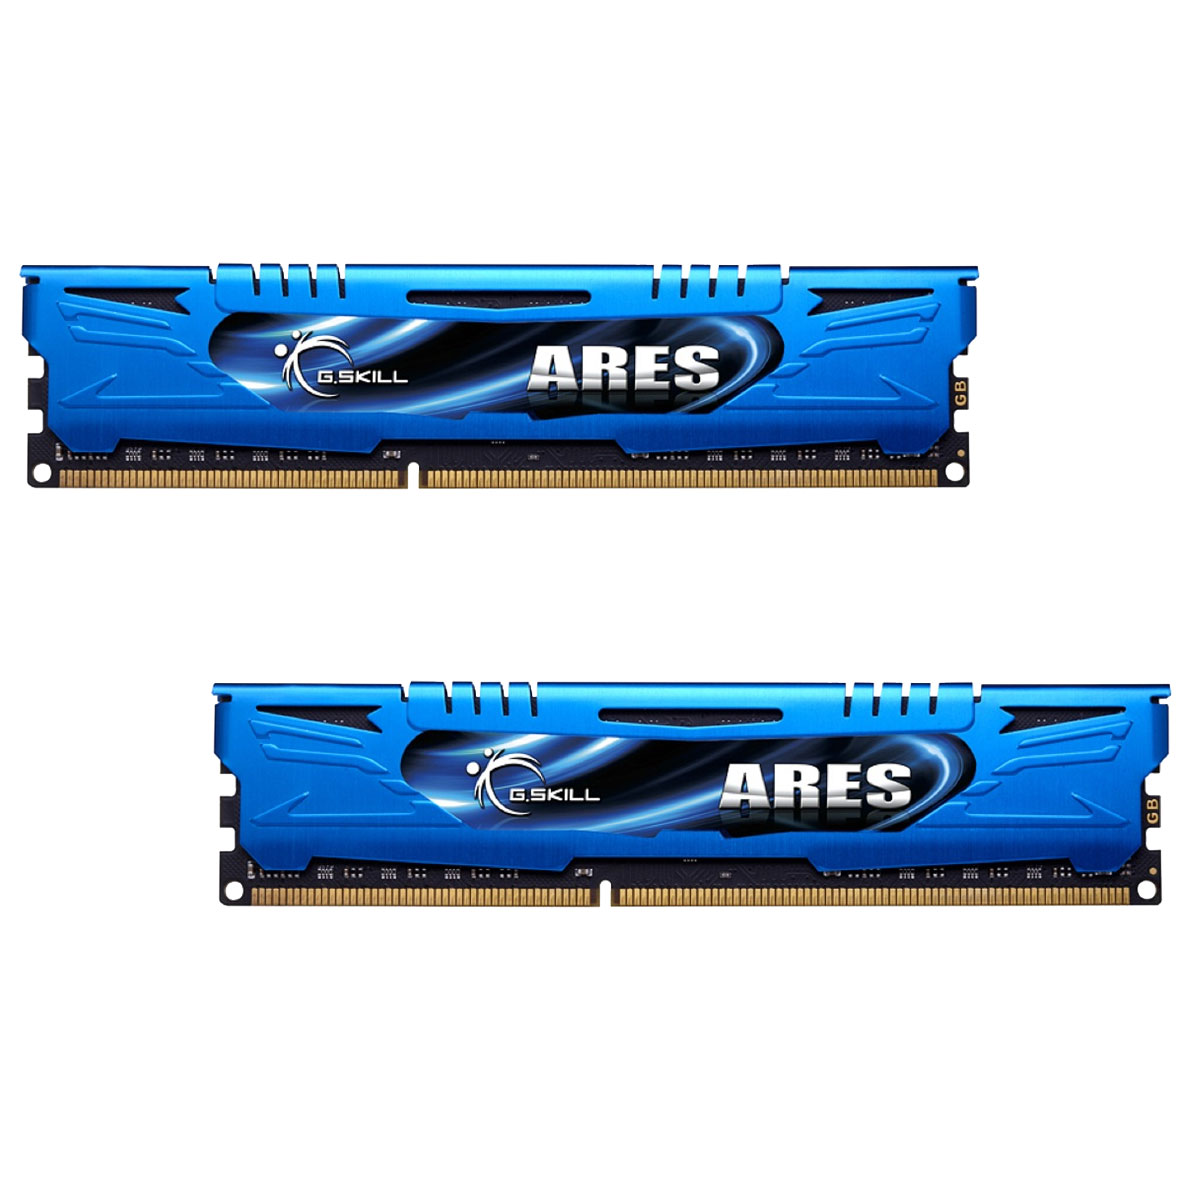 Mémoire PC G.Skill Ares Blue Series 16 Go (2 x 8 Go) DDR3 2133 MHz CL10 Kit Dual Channel DDR3 PC3-17000 - F3-2133C10D-16GAB (garantie à vie par G.Skill)